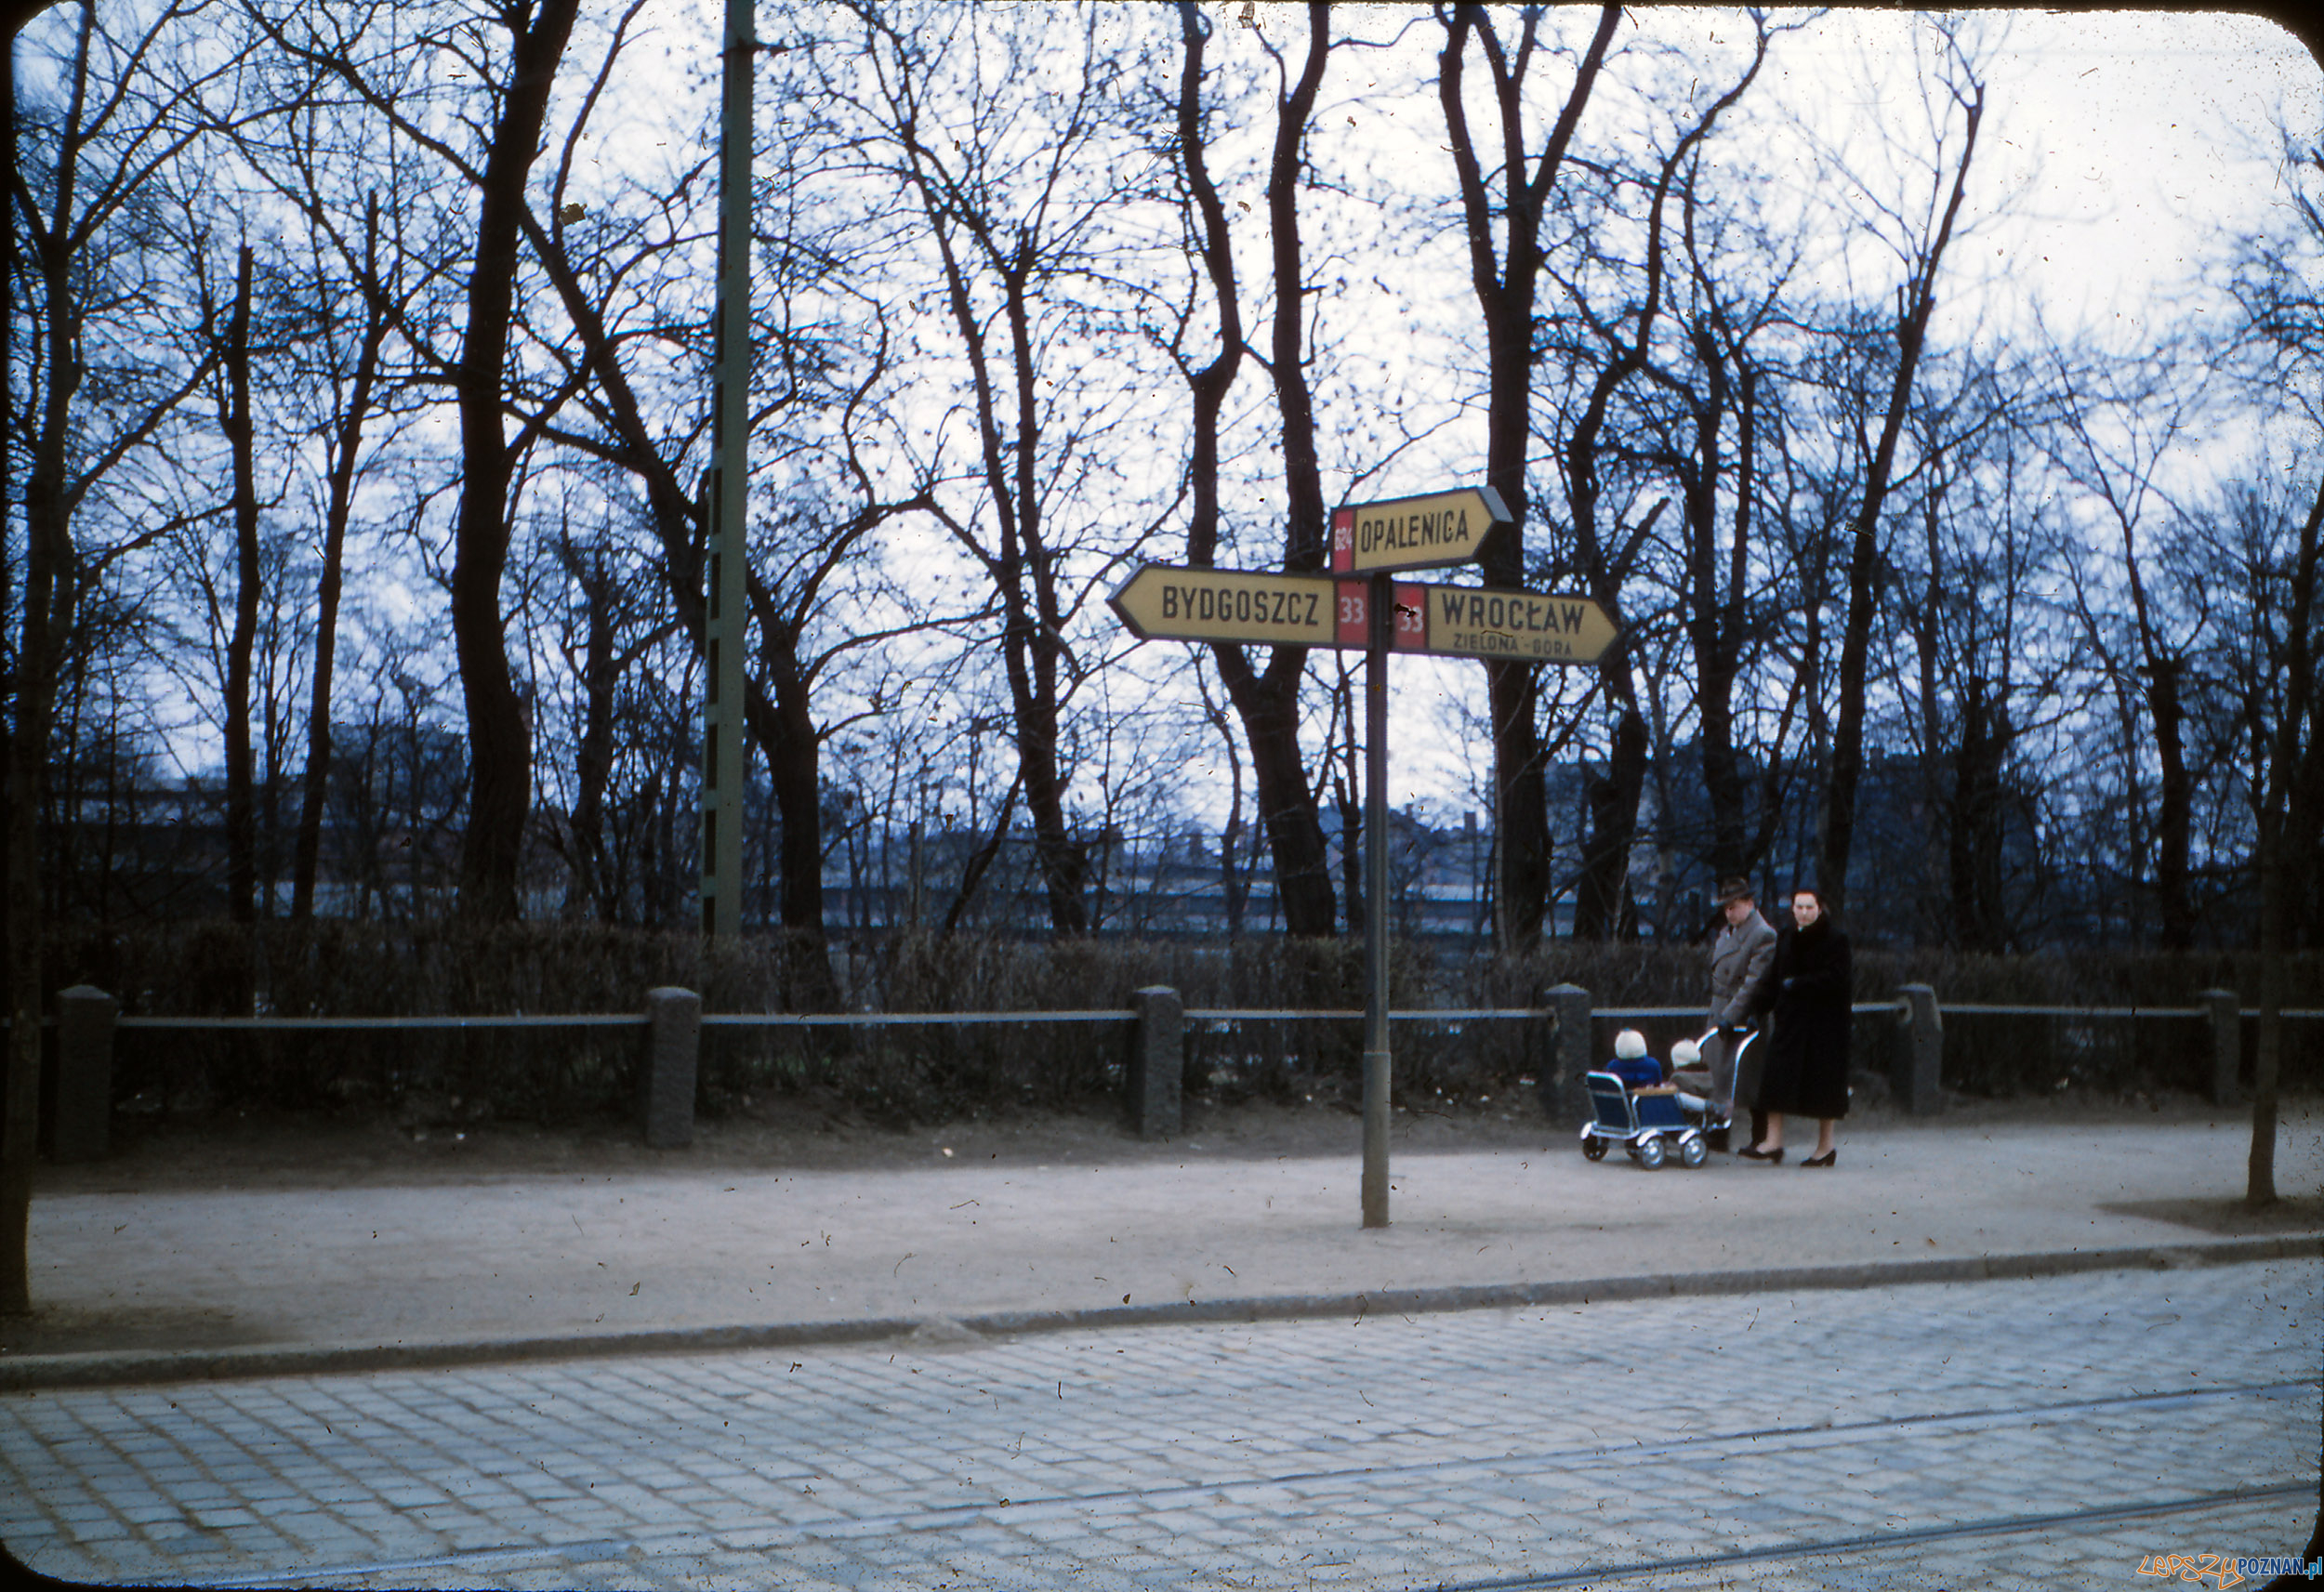 Roosevelta - koniec lat 50-tych  Foto: Mogens Tørsleff, kolekcja Gorma Rudschinata / Flickr / CC